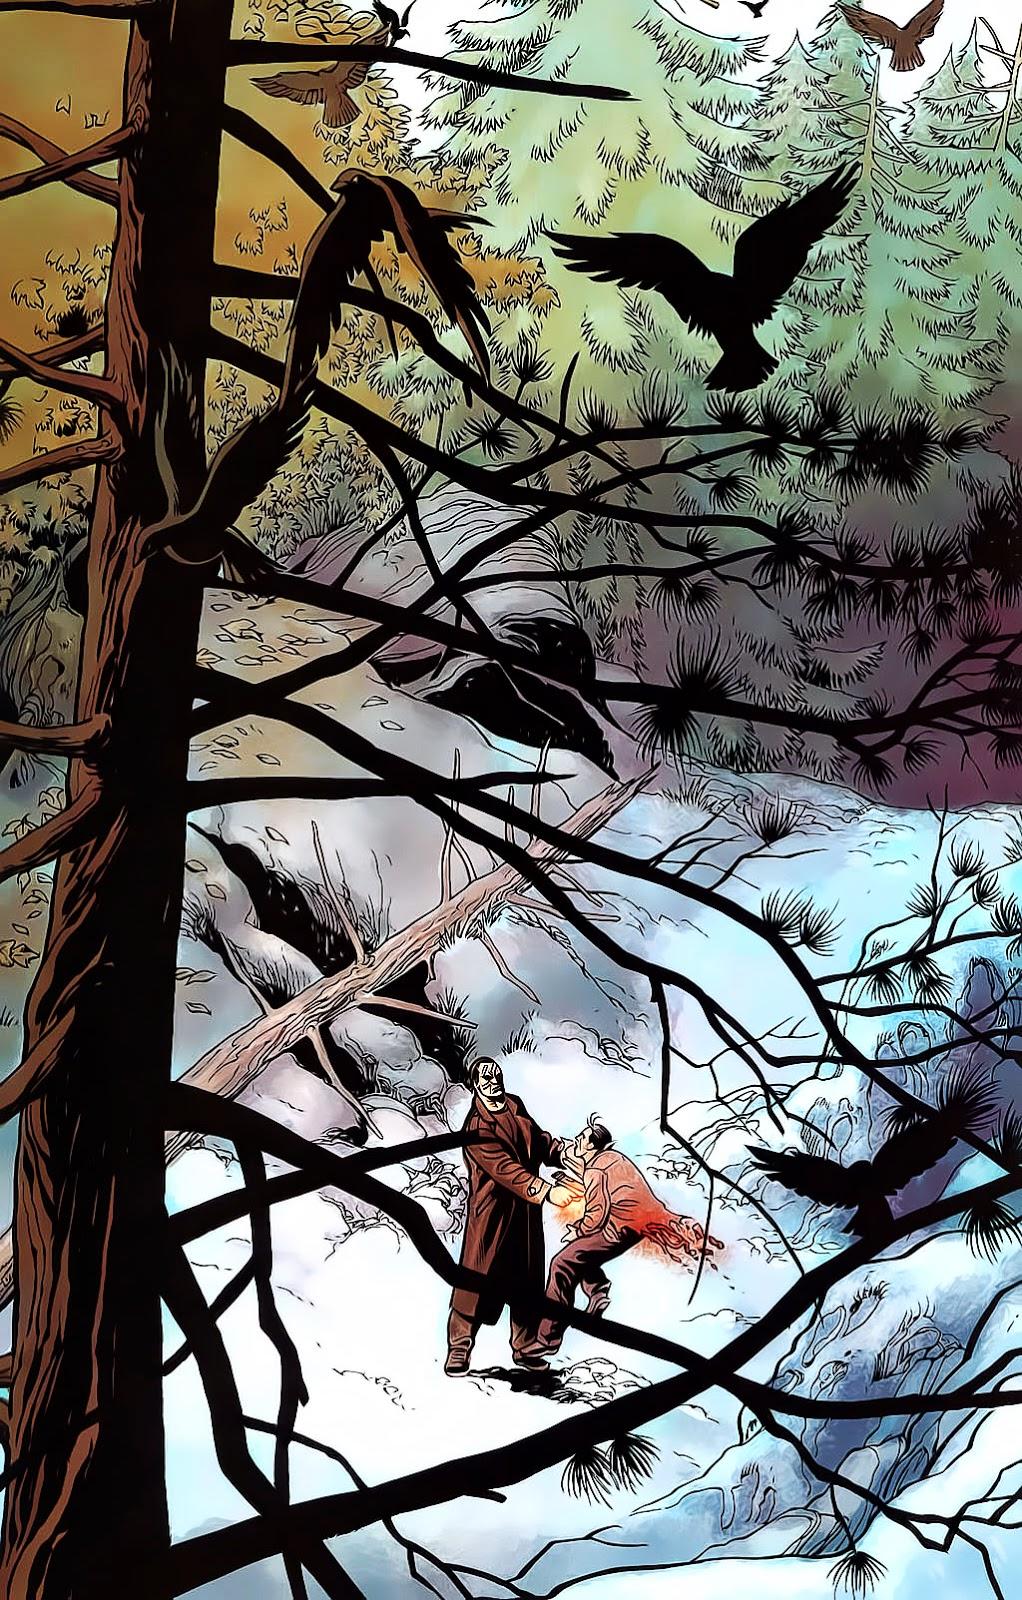 The Punisher: Trên là Dưới & Trắng là Đen chap 6 - Trang 24